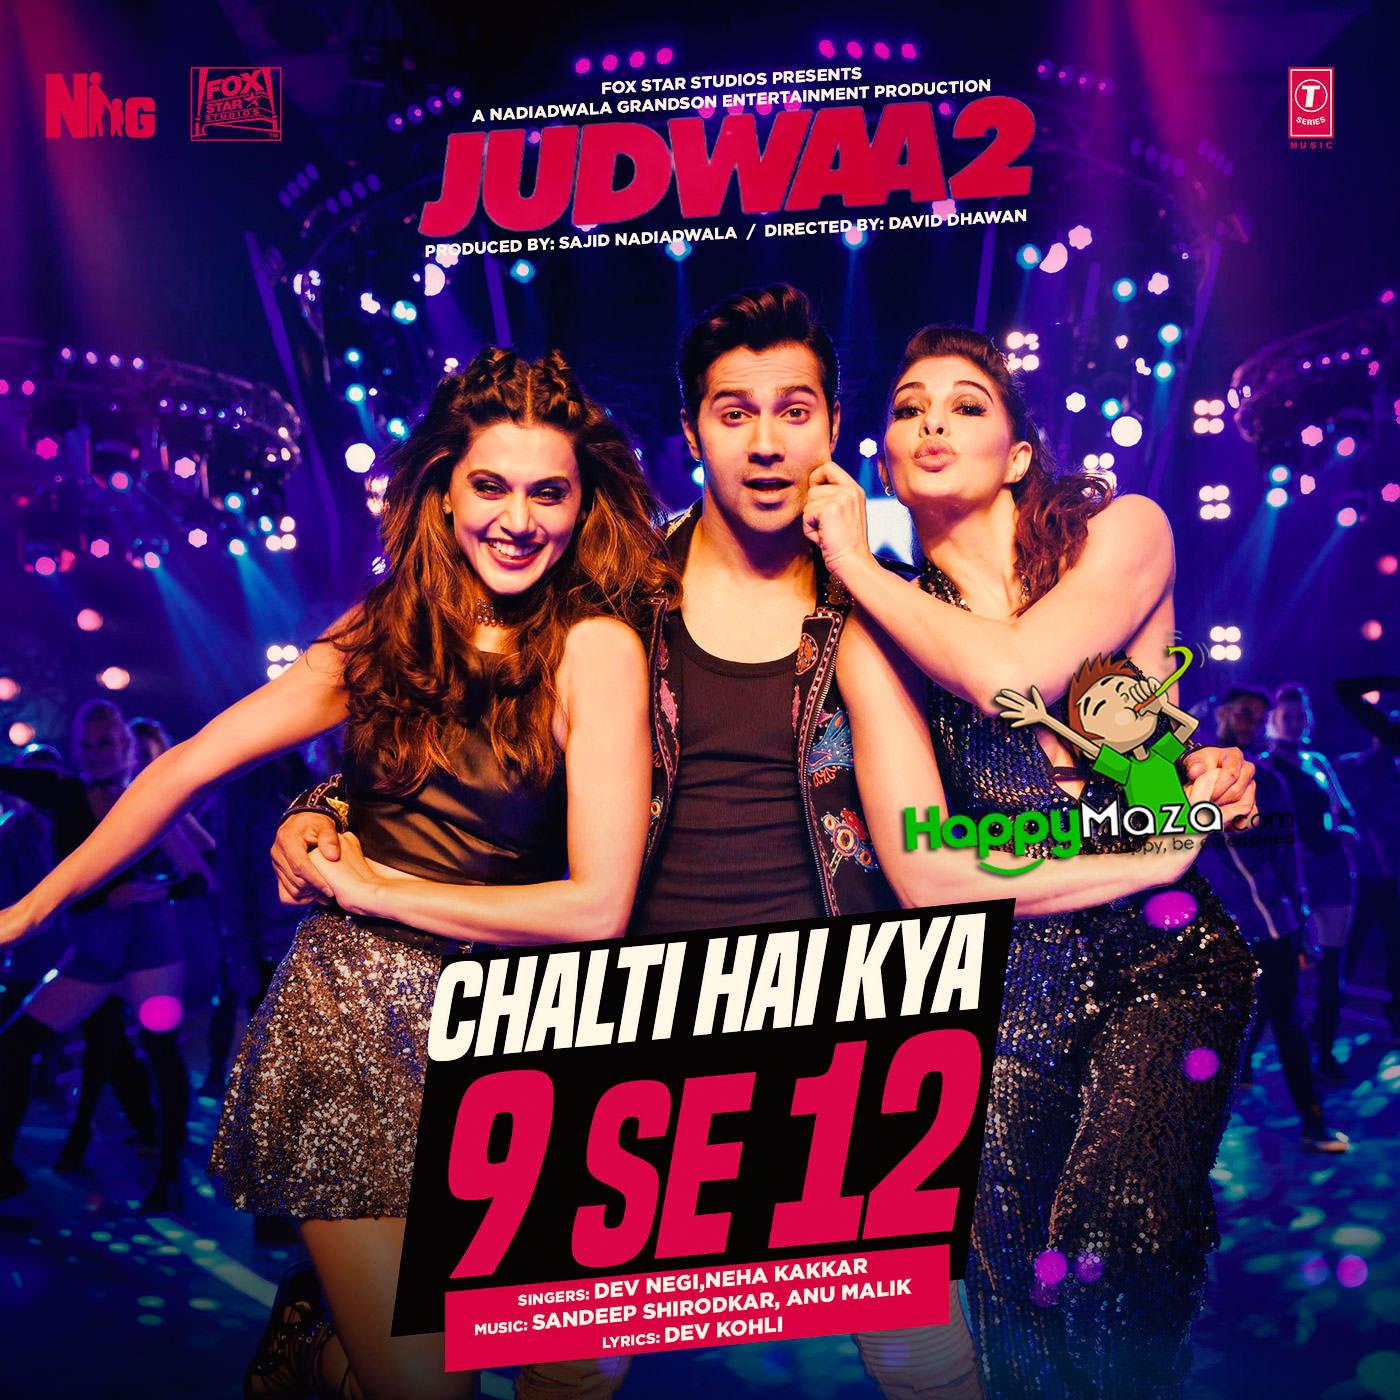 Sakhiyaan Mp3 Song Download Neha Malik: Chalti Hai Kya 9 Se 12 Lyrics